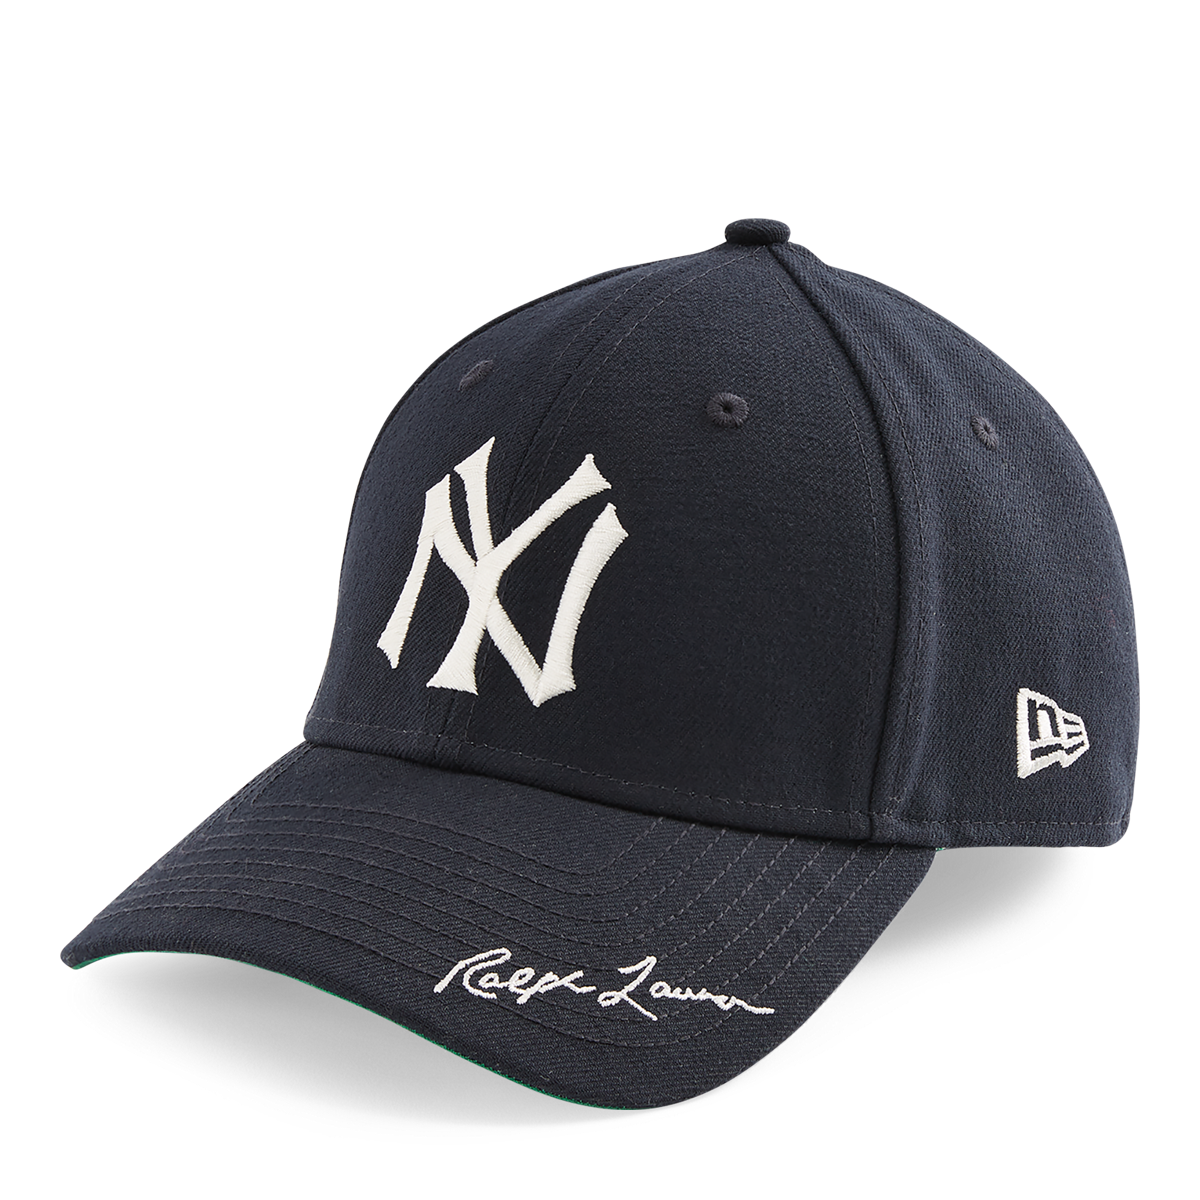 aceaa0d70 Ralph Lauren YankeesT Cap